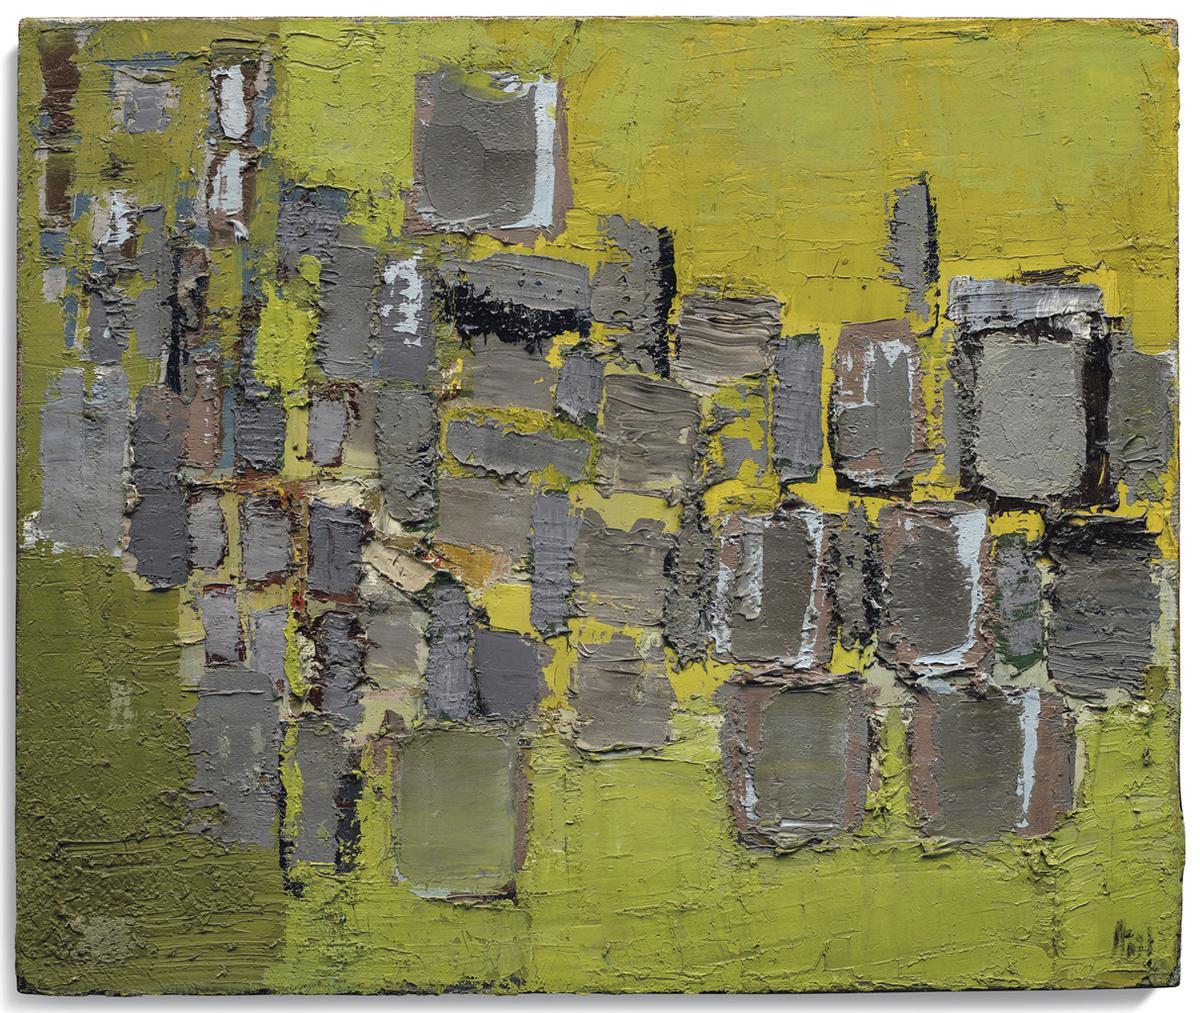 Nicolas de Stael-Paysage-1952